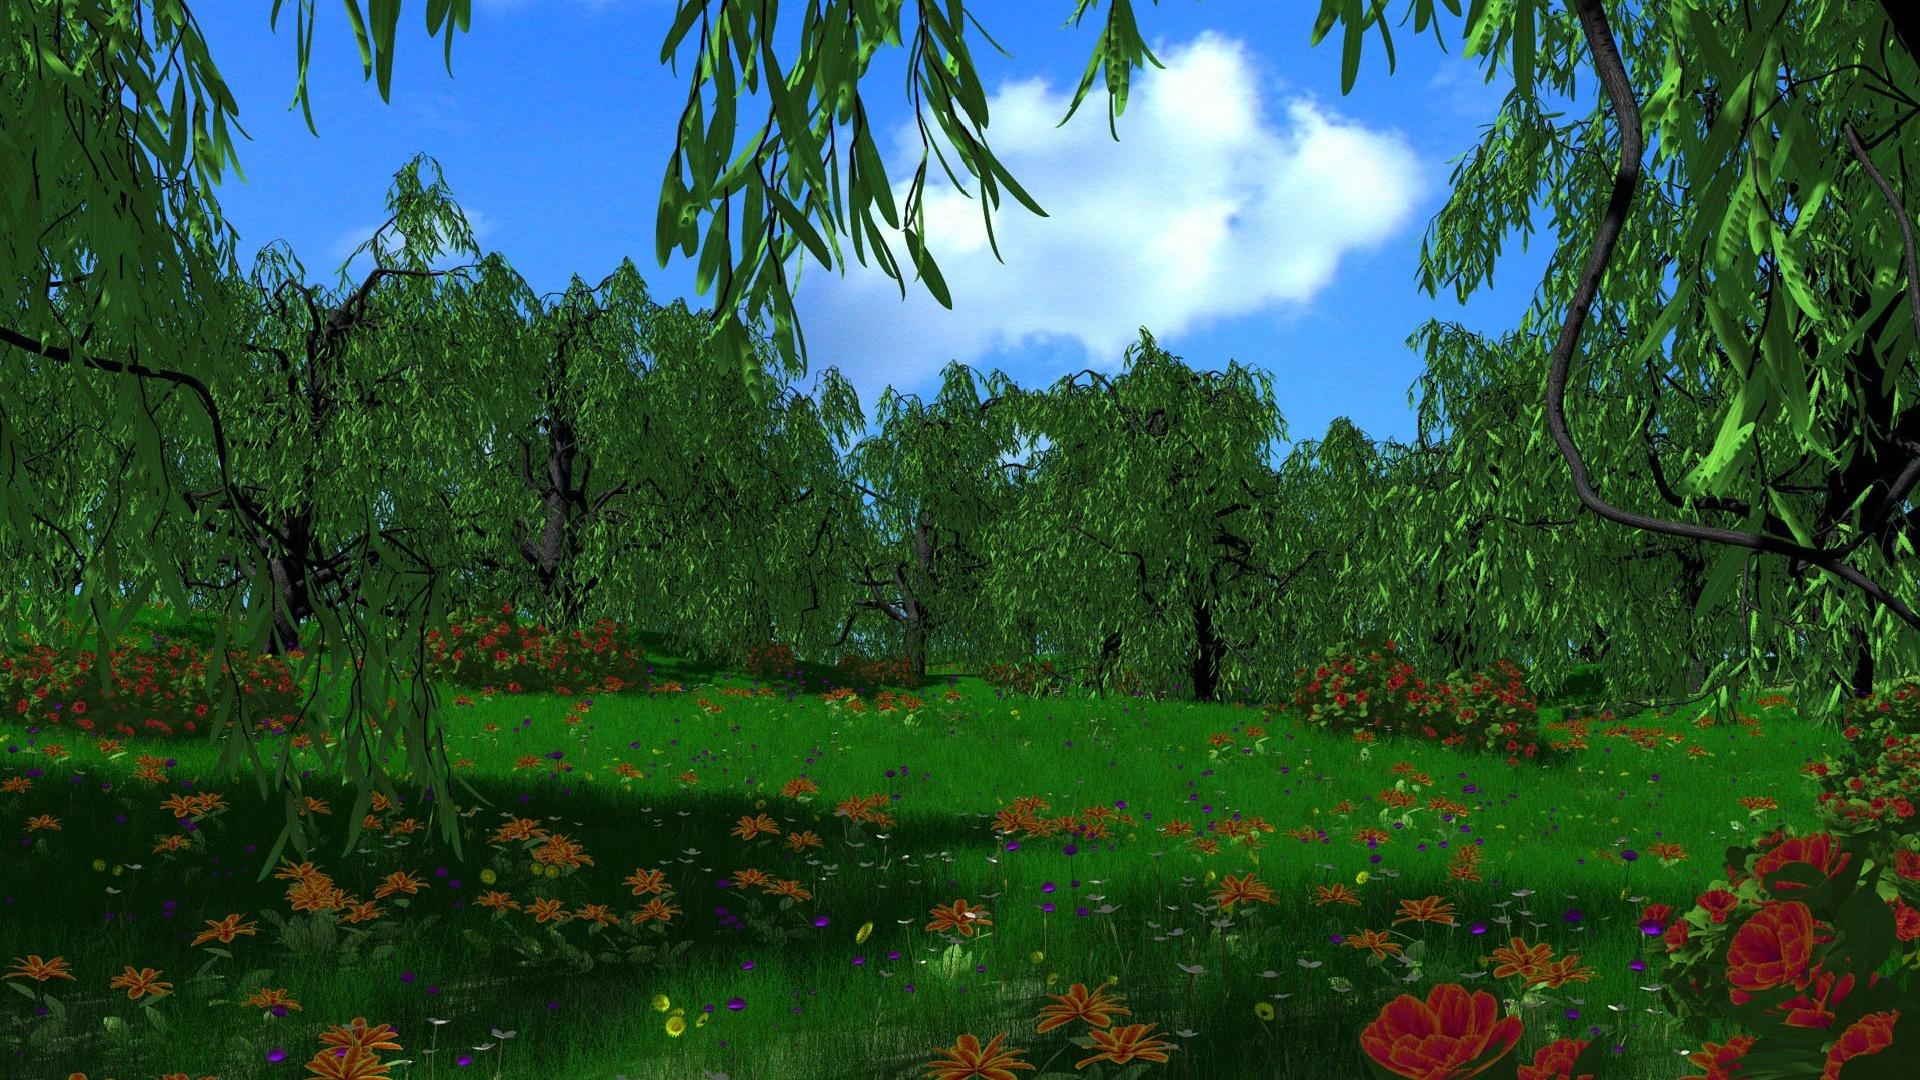 Картинки лесная поляна анимация